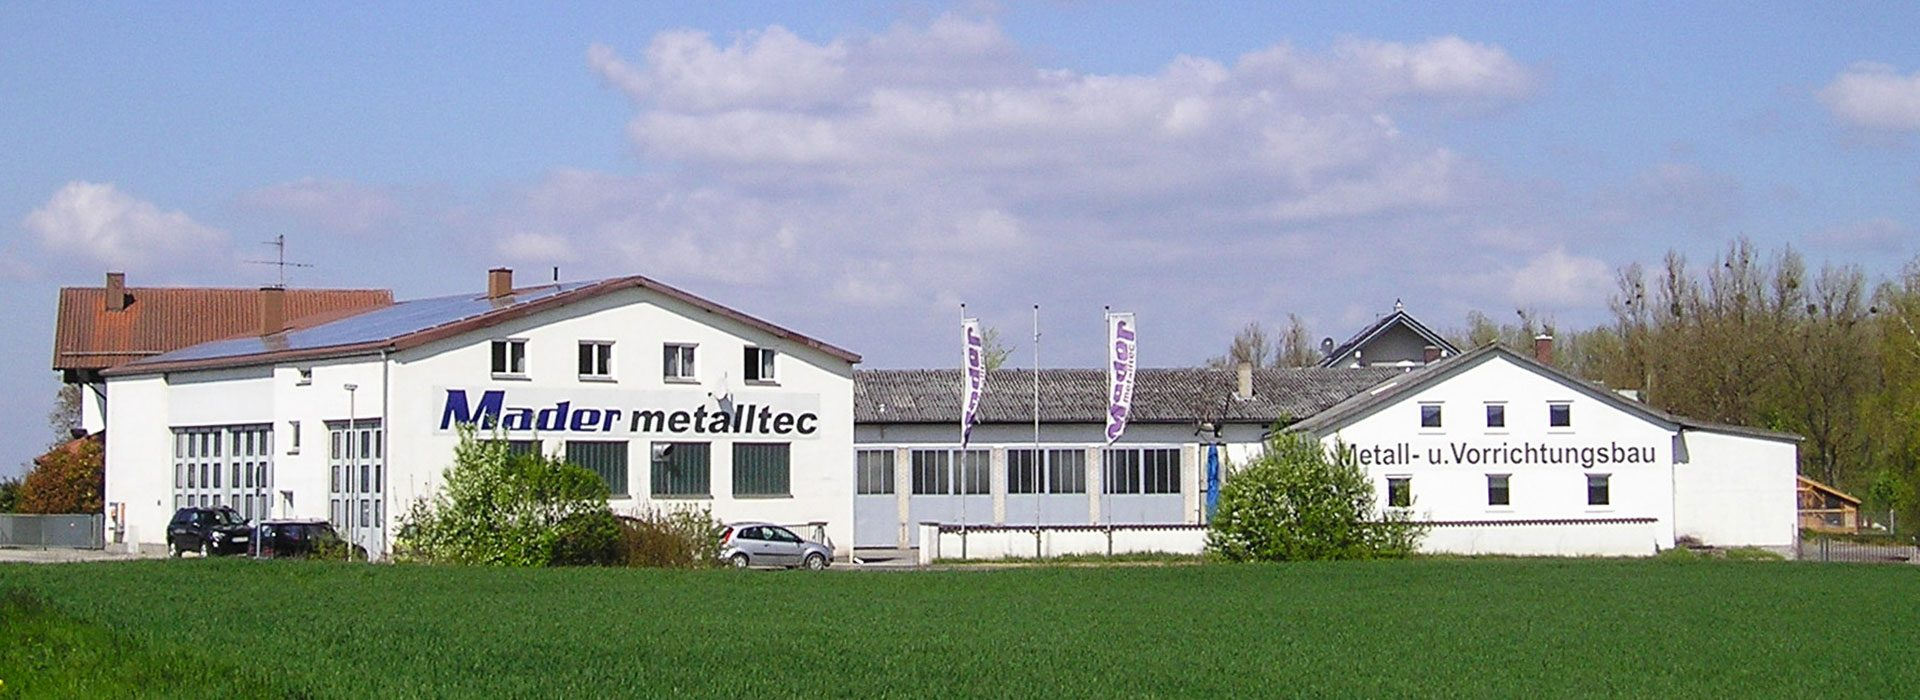 Mader Metalltec in Fischerdorf/Deggendorf